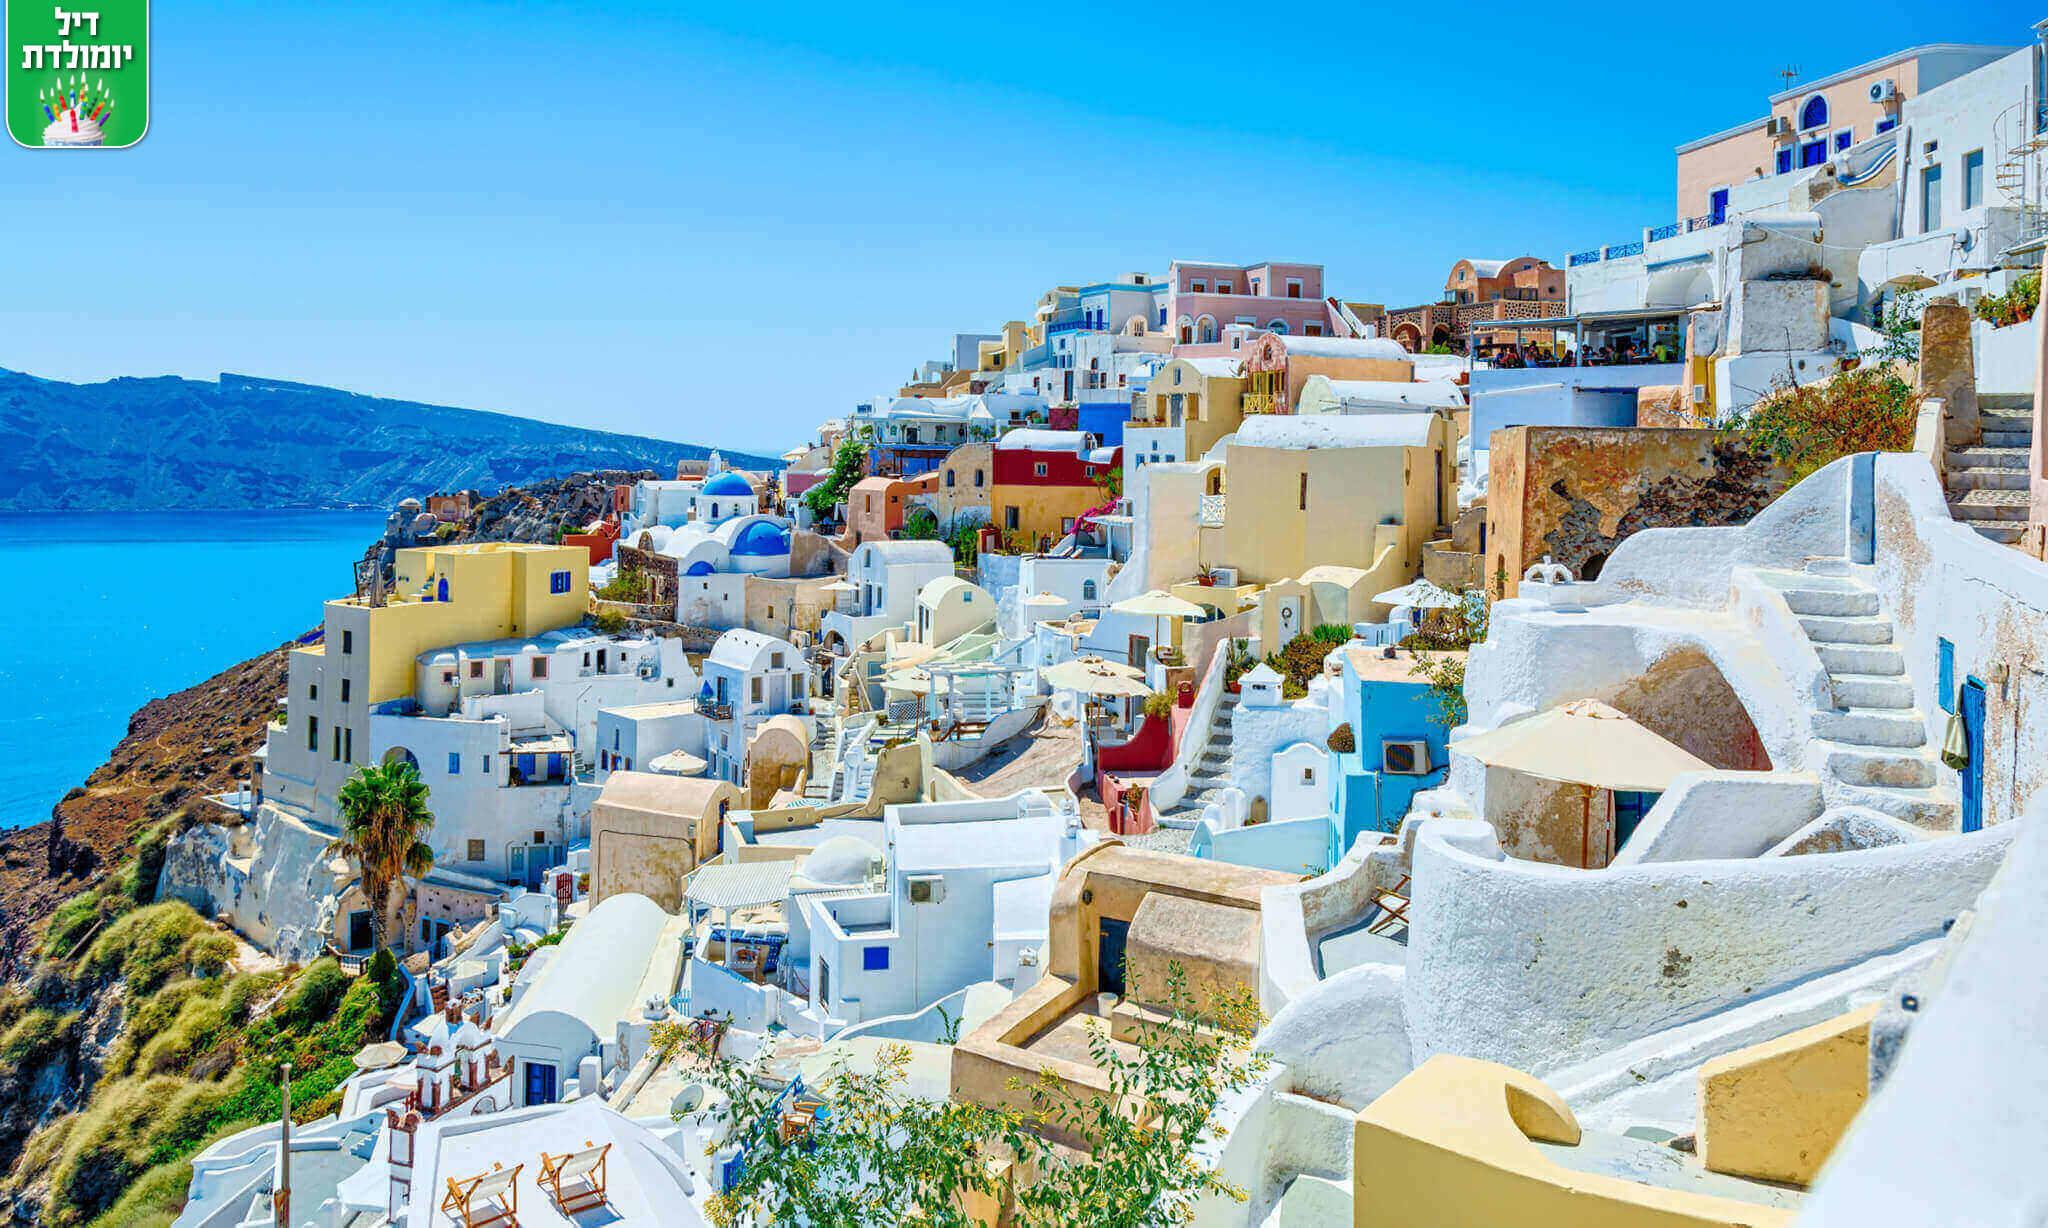 """13 פסח בסנטוריני - האי הקסום ביותר ביוון, כולל סופ""""ש"""